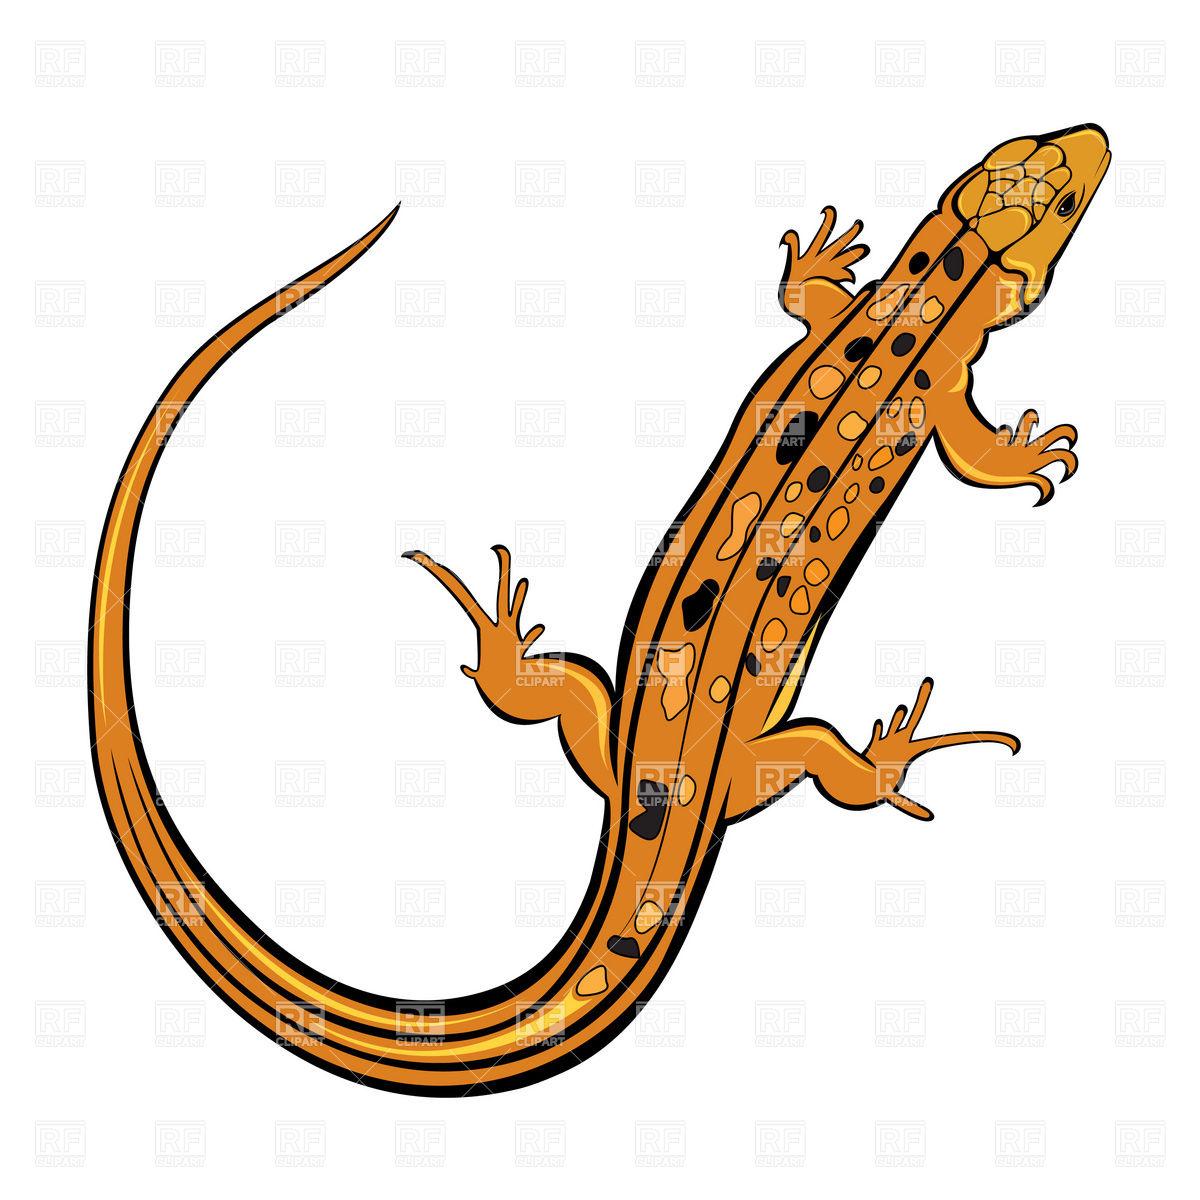 Lizards Clipart.